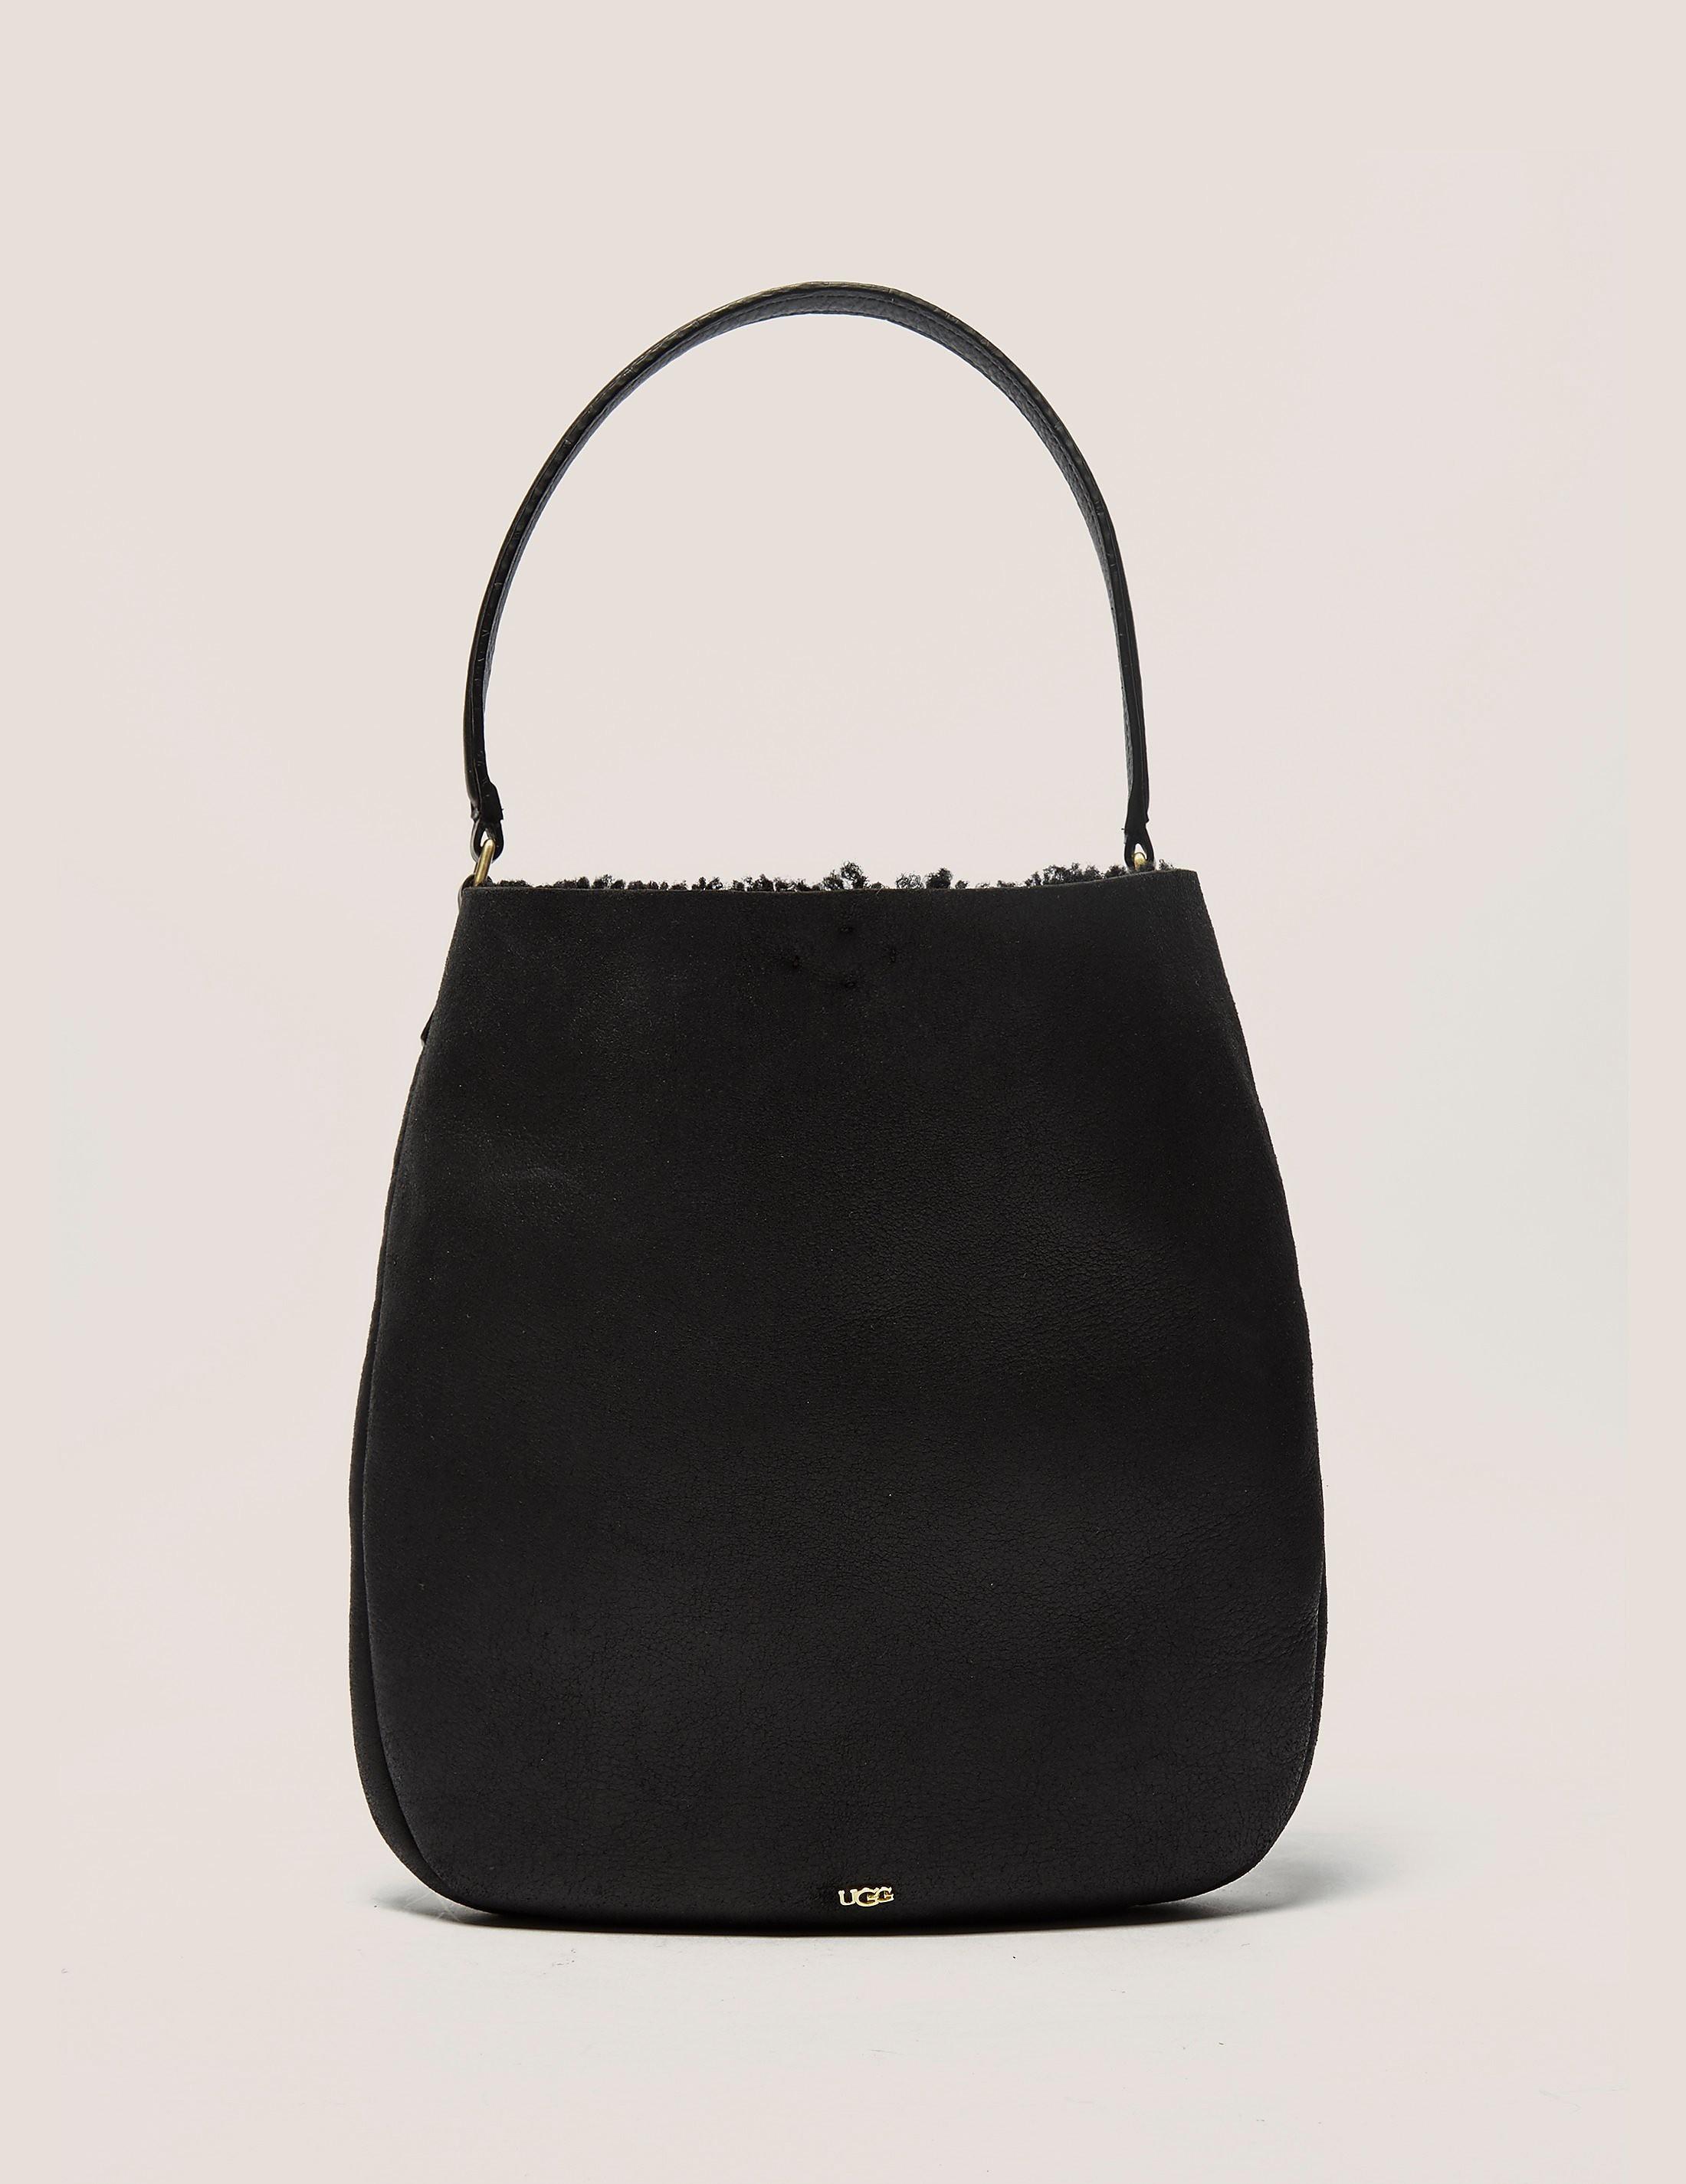 UGG Claire Hobo bag